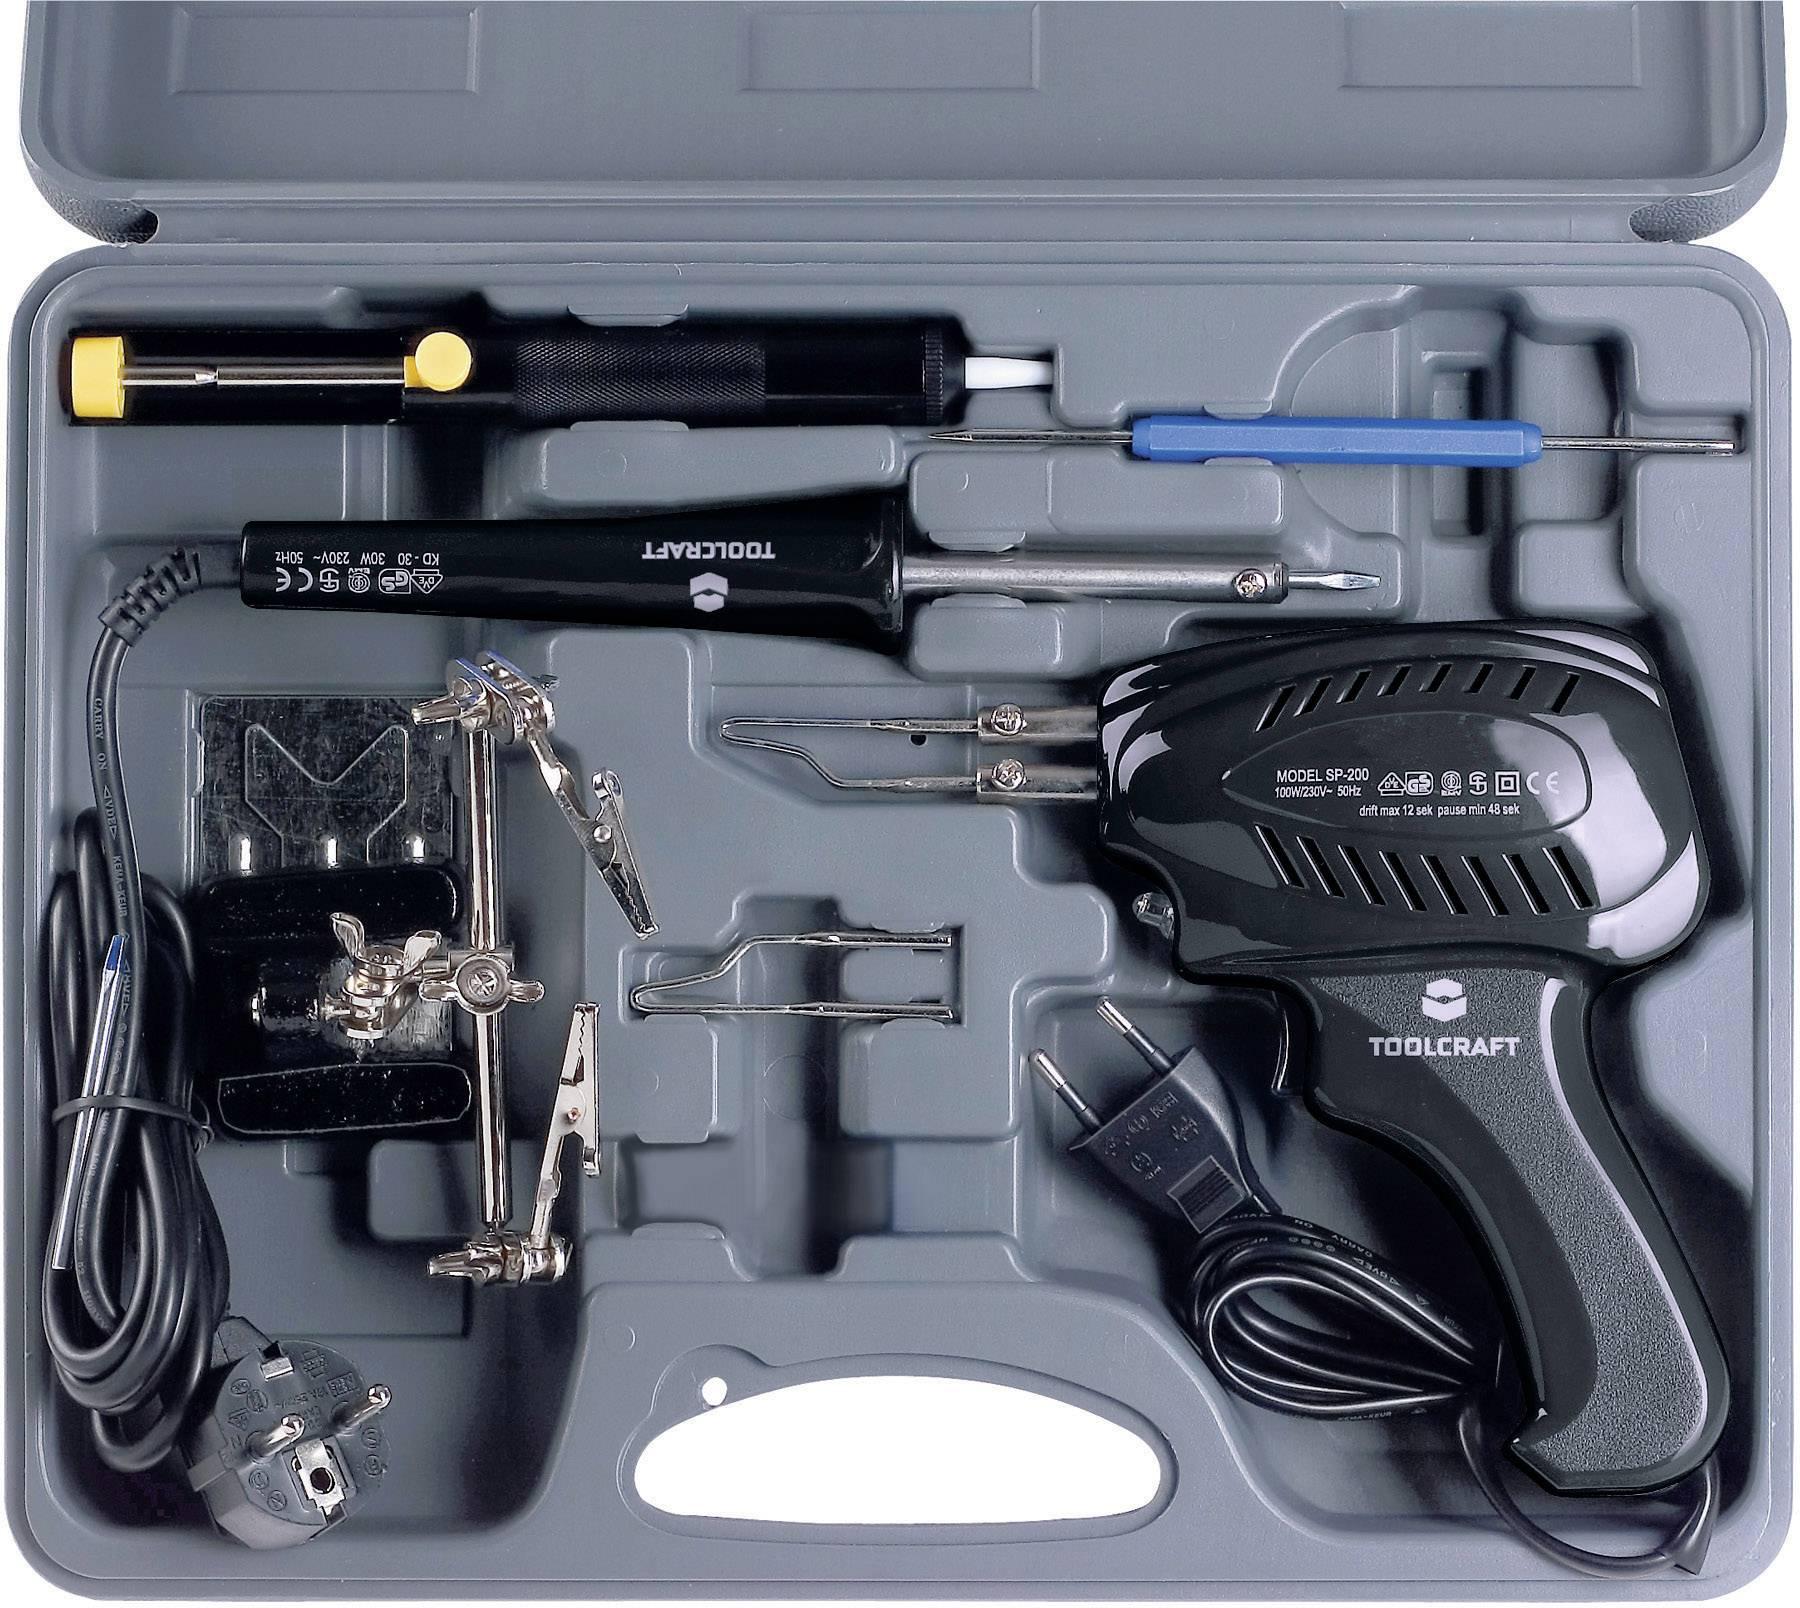 Spájkovacia súprava TOOLCRAFT SK 3000, 230 V, 100 W